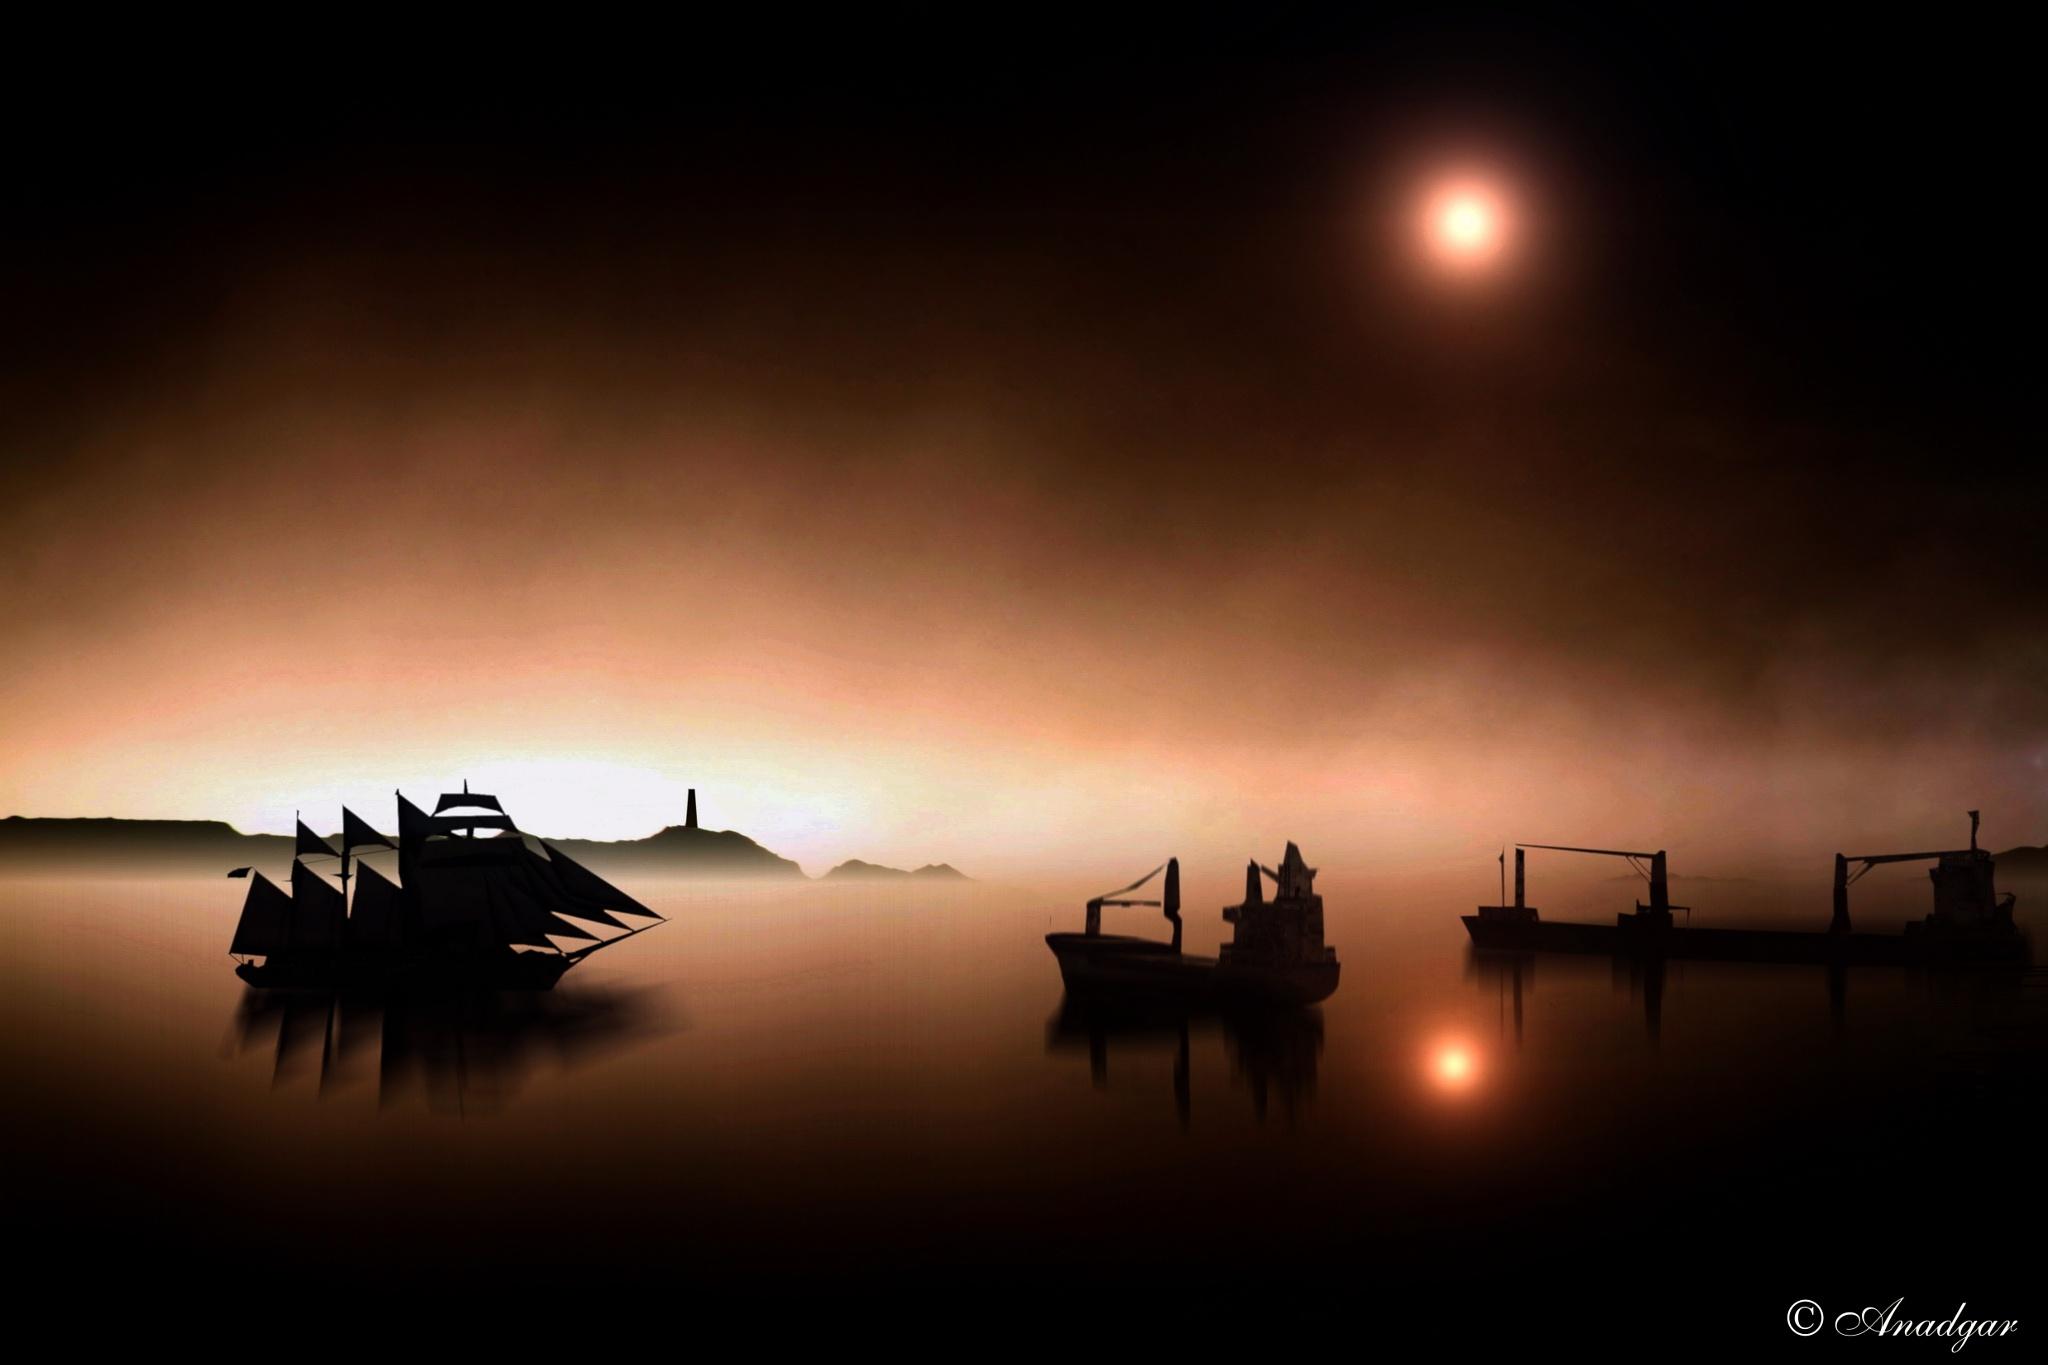 en la penumbra navega by Anadgar03